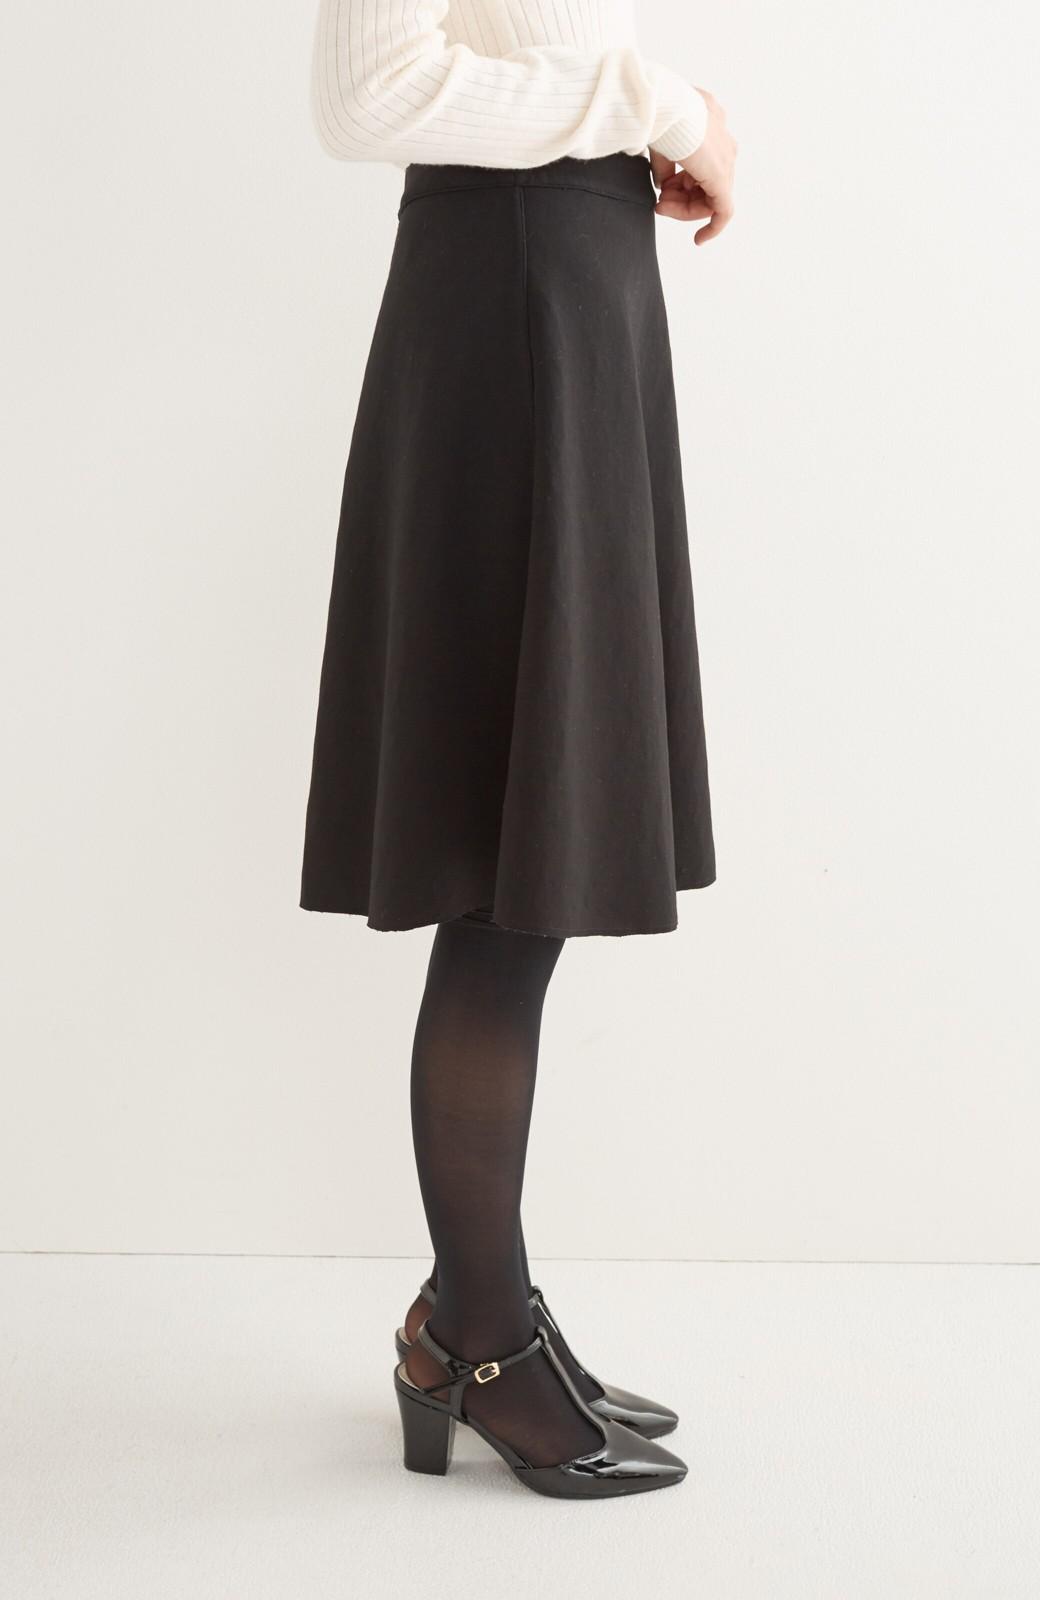 エムトロワ 定番ブラックと華やかレースのリバーシブルフレアースカート <ブラック>の商品写真6